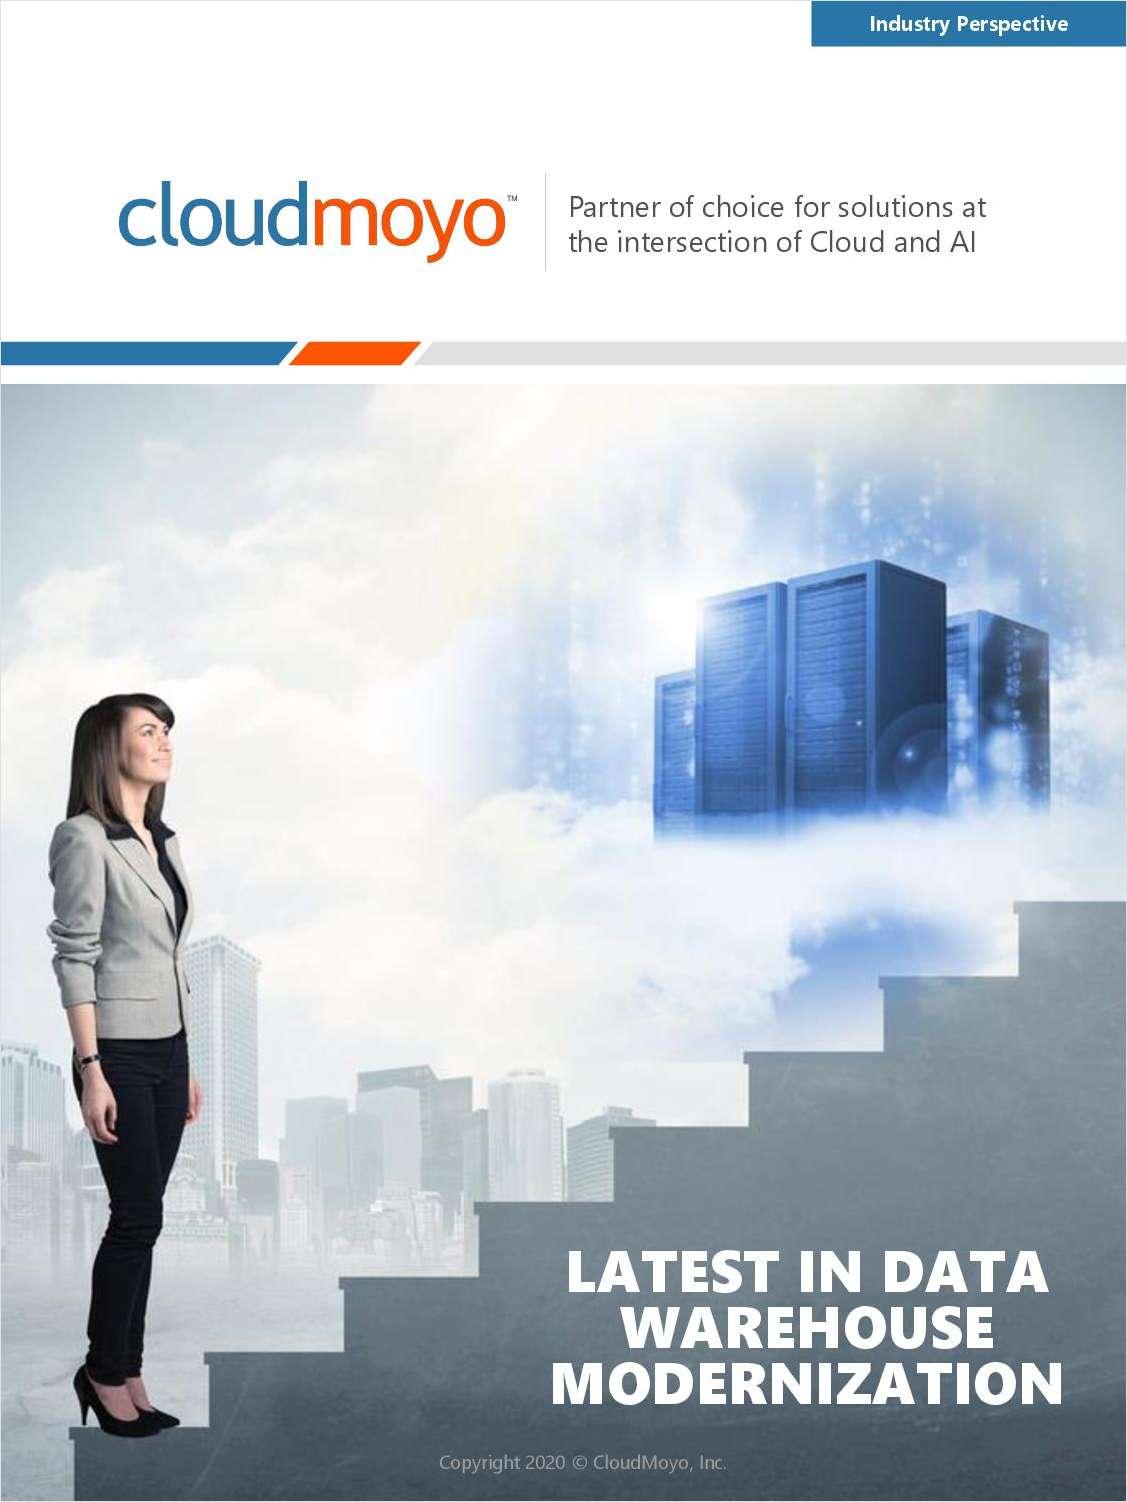 Latest in Data Warehouse Modernization